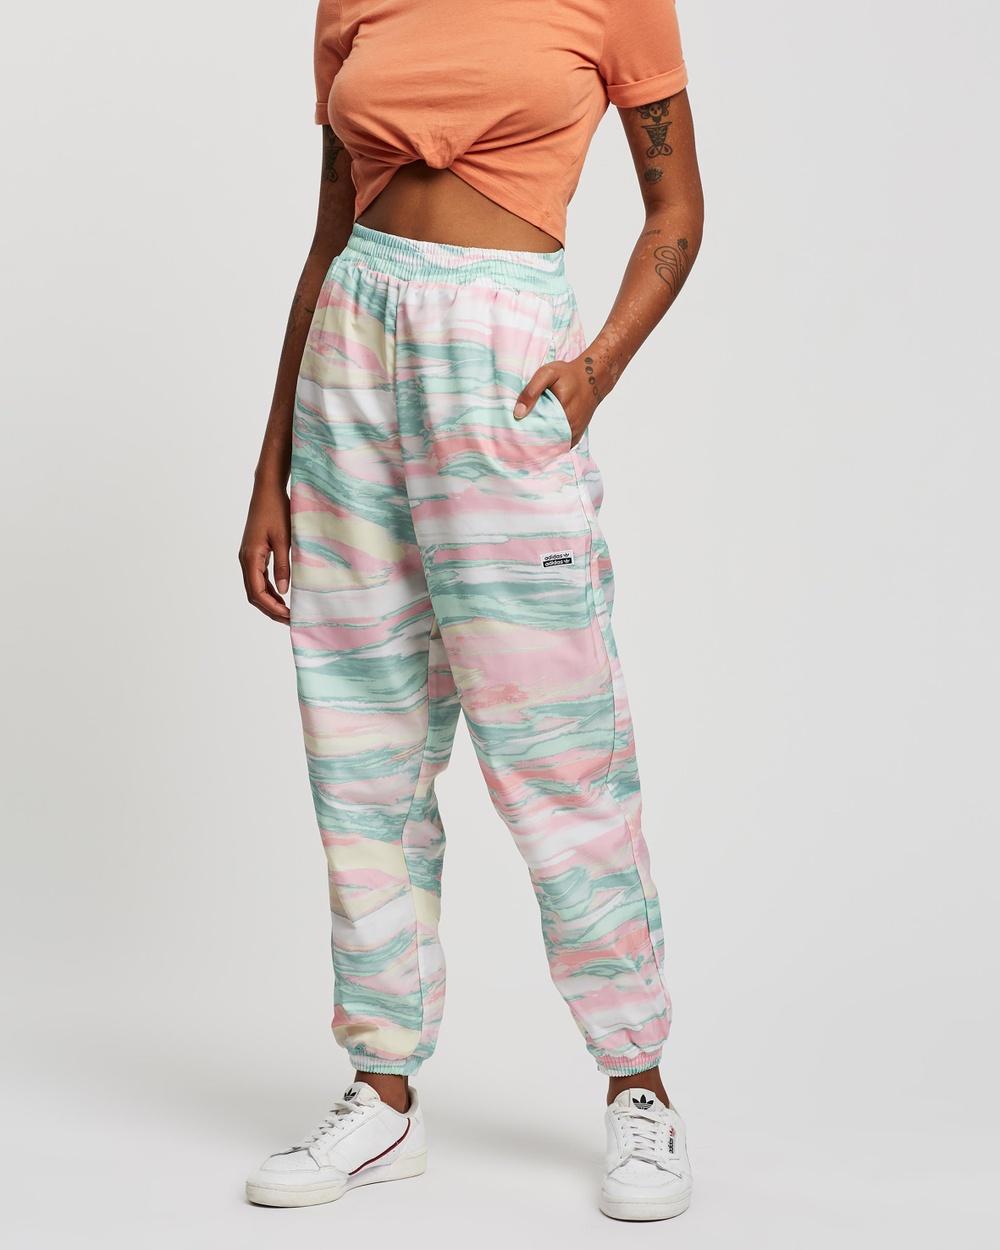 adidas Originals R.Y.V. Pants Multicolour